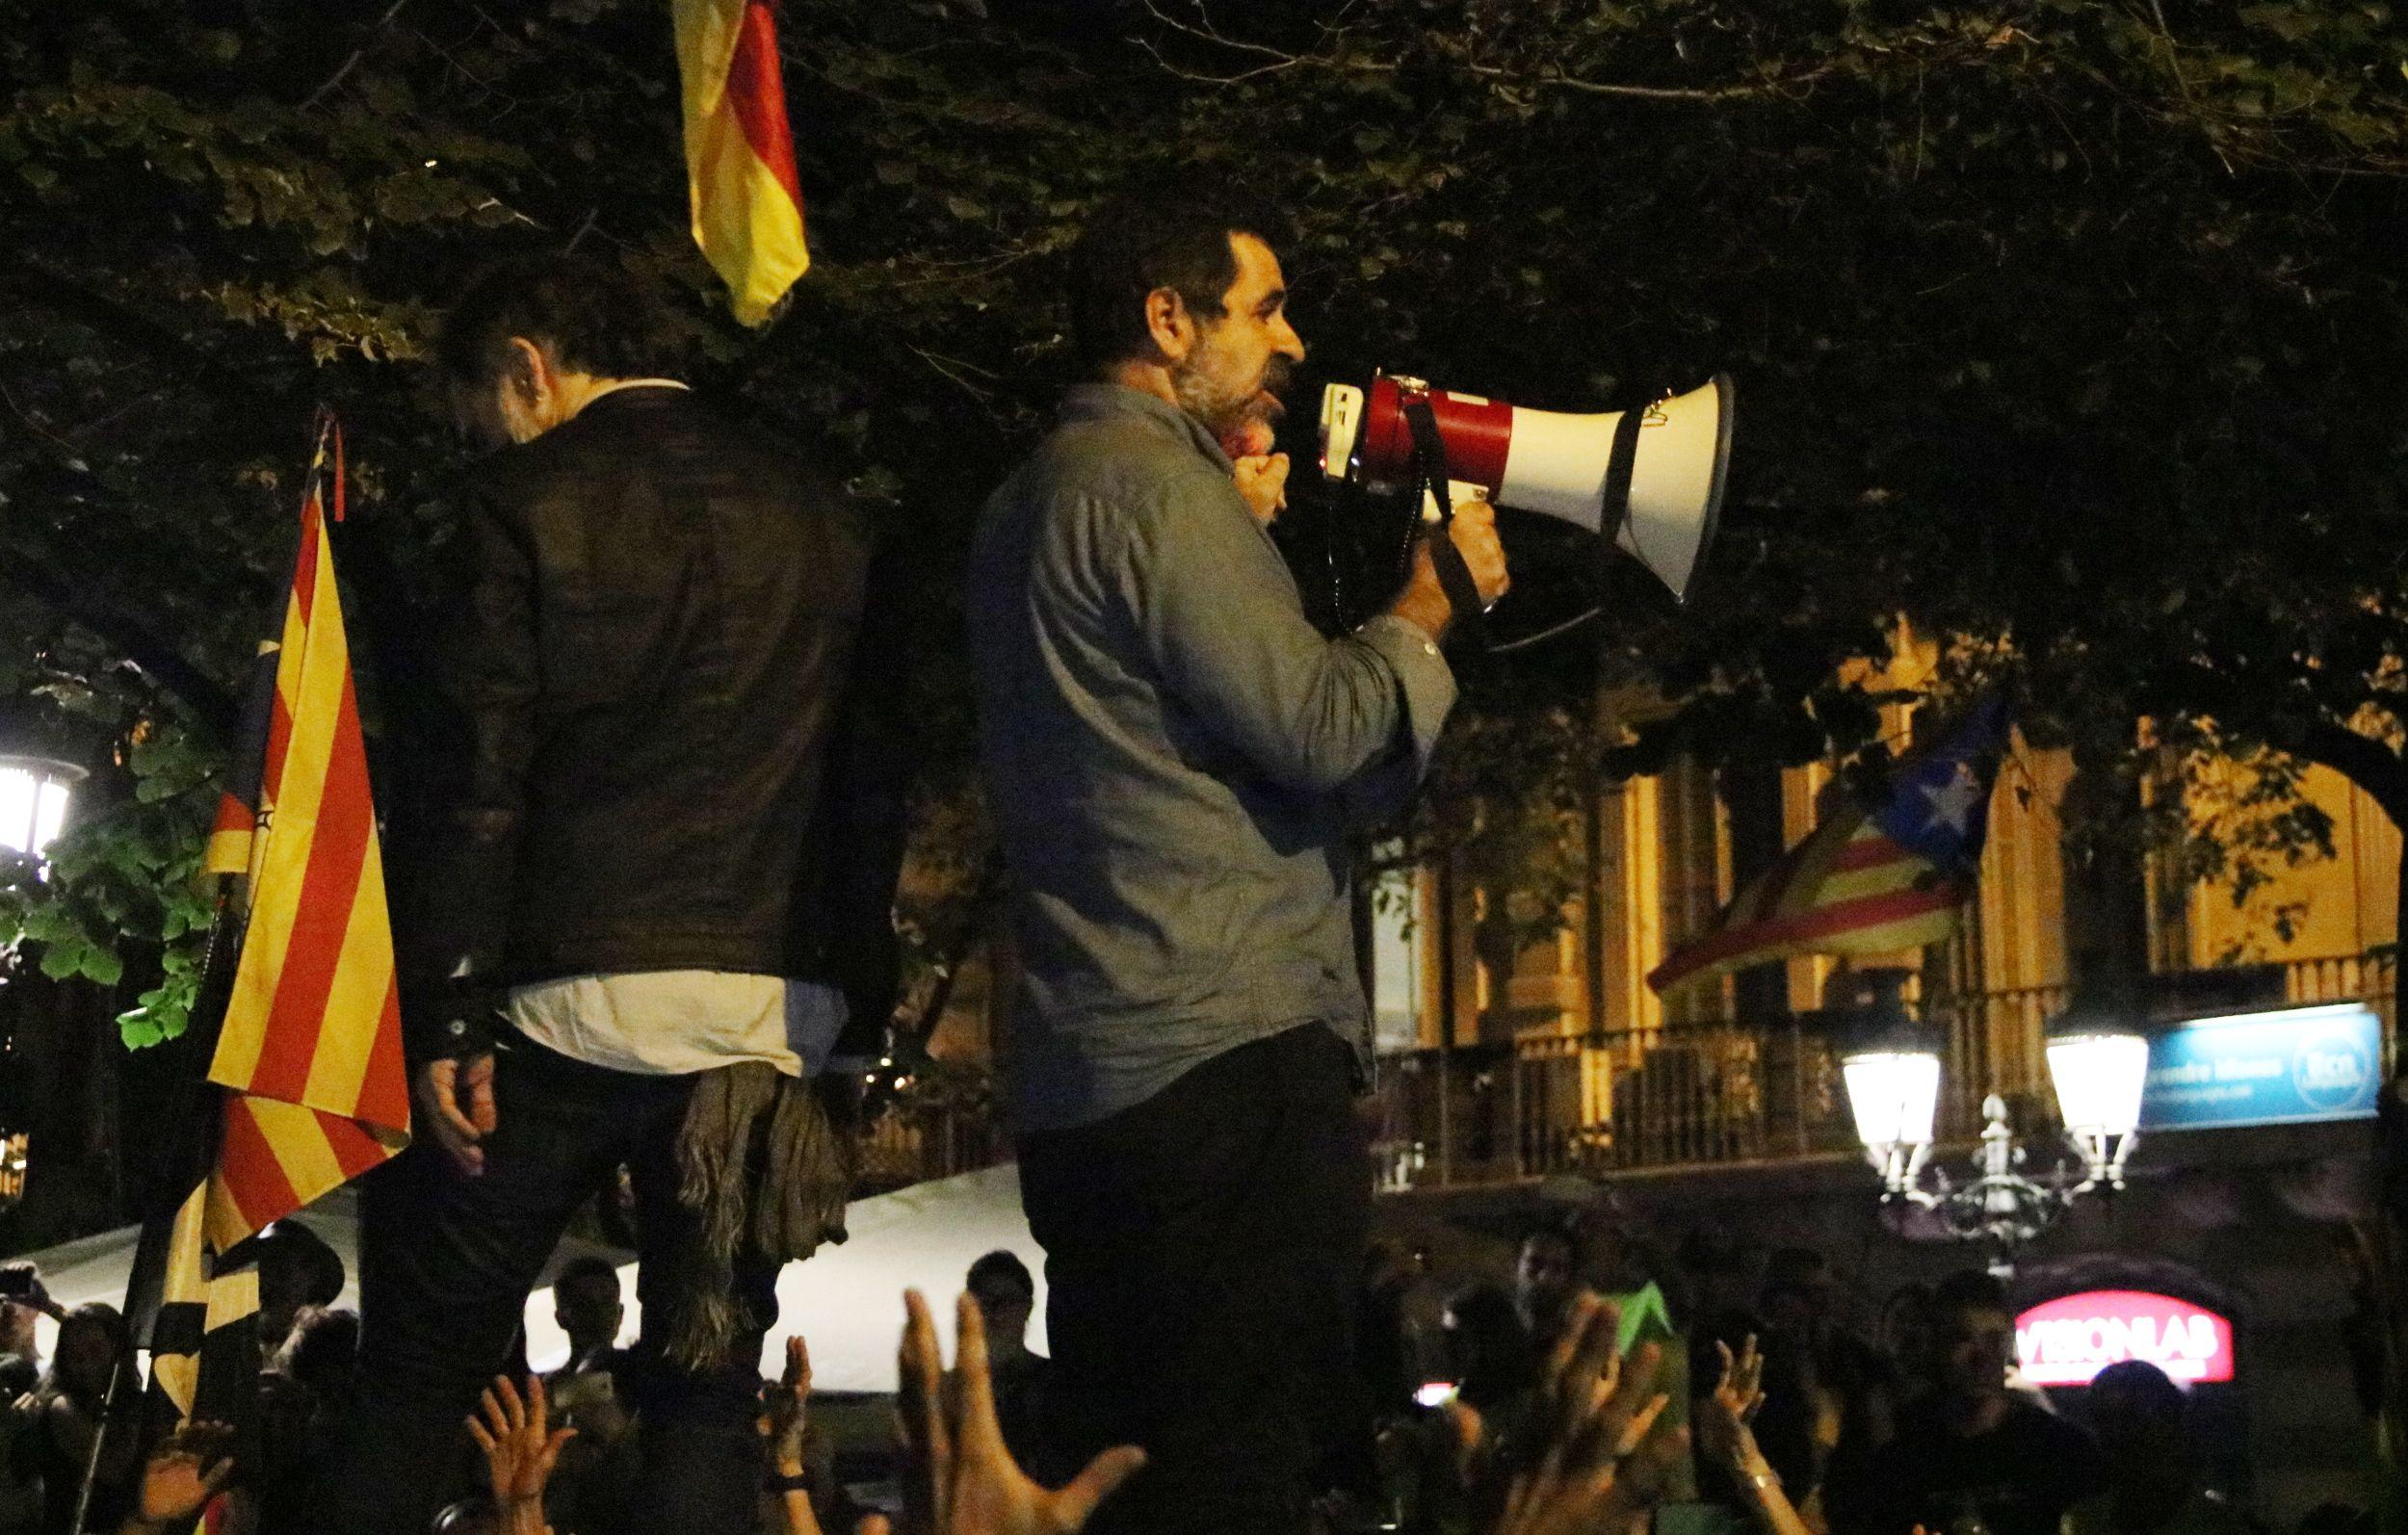 Jordi Sànchez de perfil, i Cuixart d'esquena, sobre el vehicle de la Guàrdia Civil